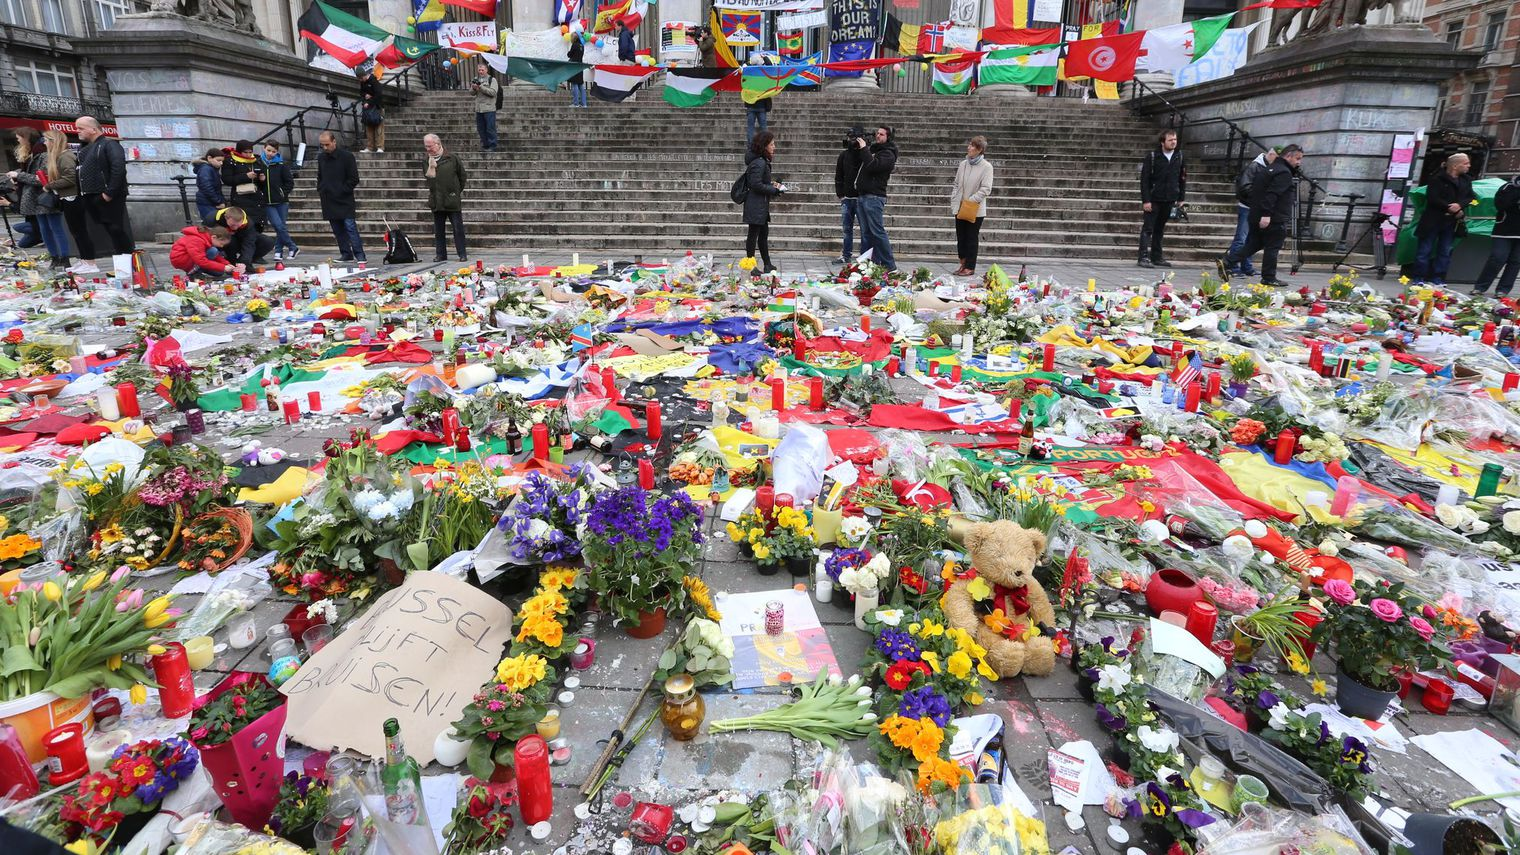 des-fleurs-et-des-bougies-en-hommage-aux-victimes-des-attentats-de-bruxelles-le-27-mars-2016-place-de-la-bourse-dans-la-capitale-belge_5571781